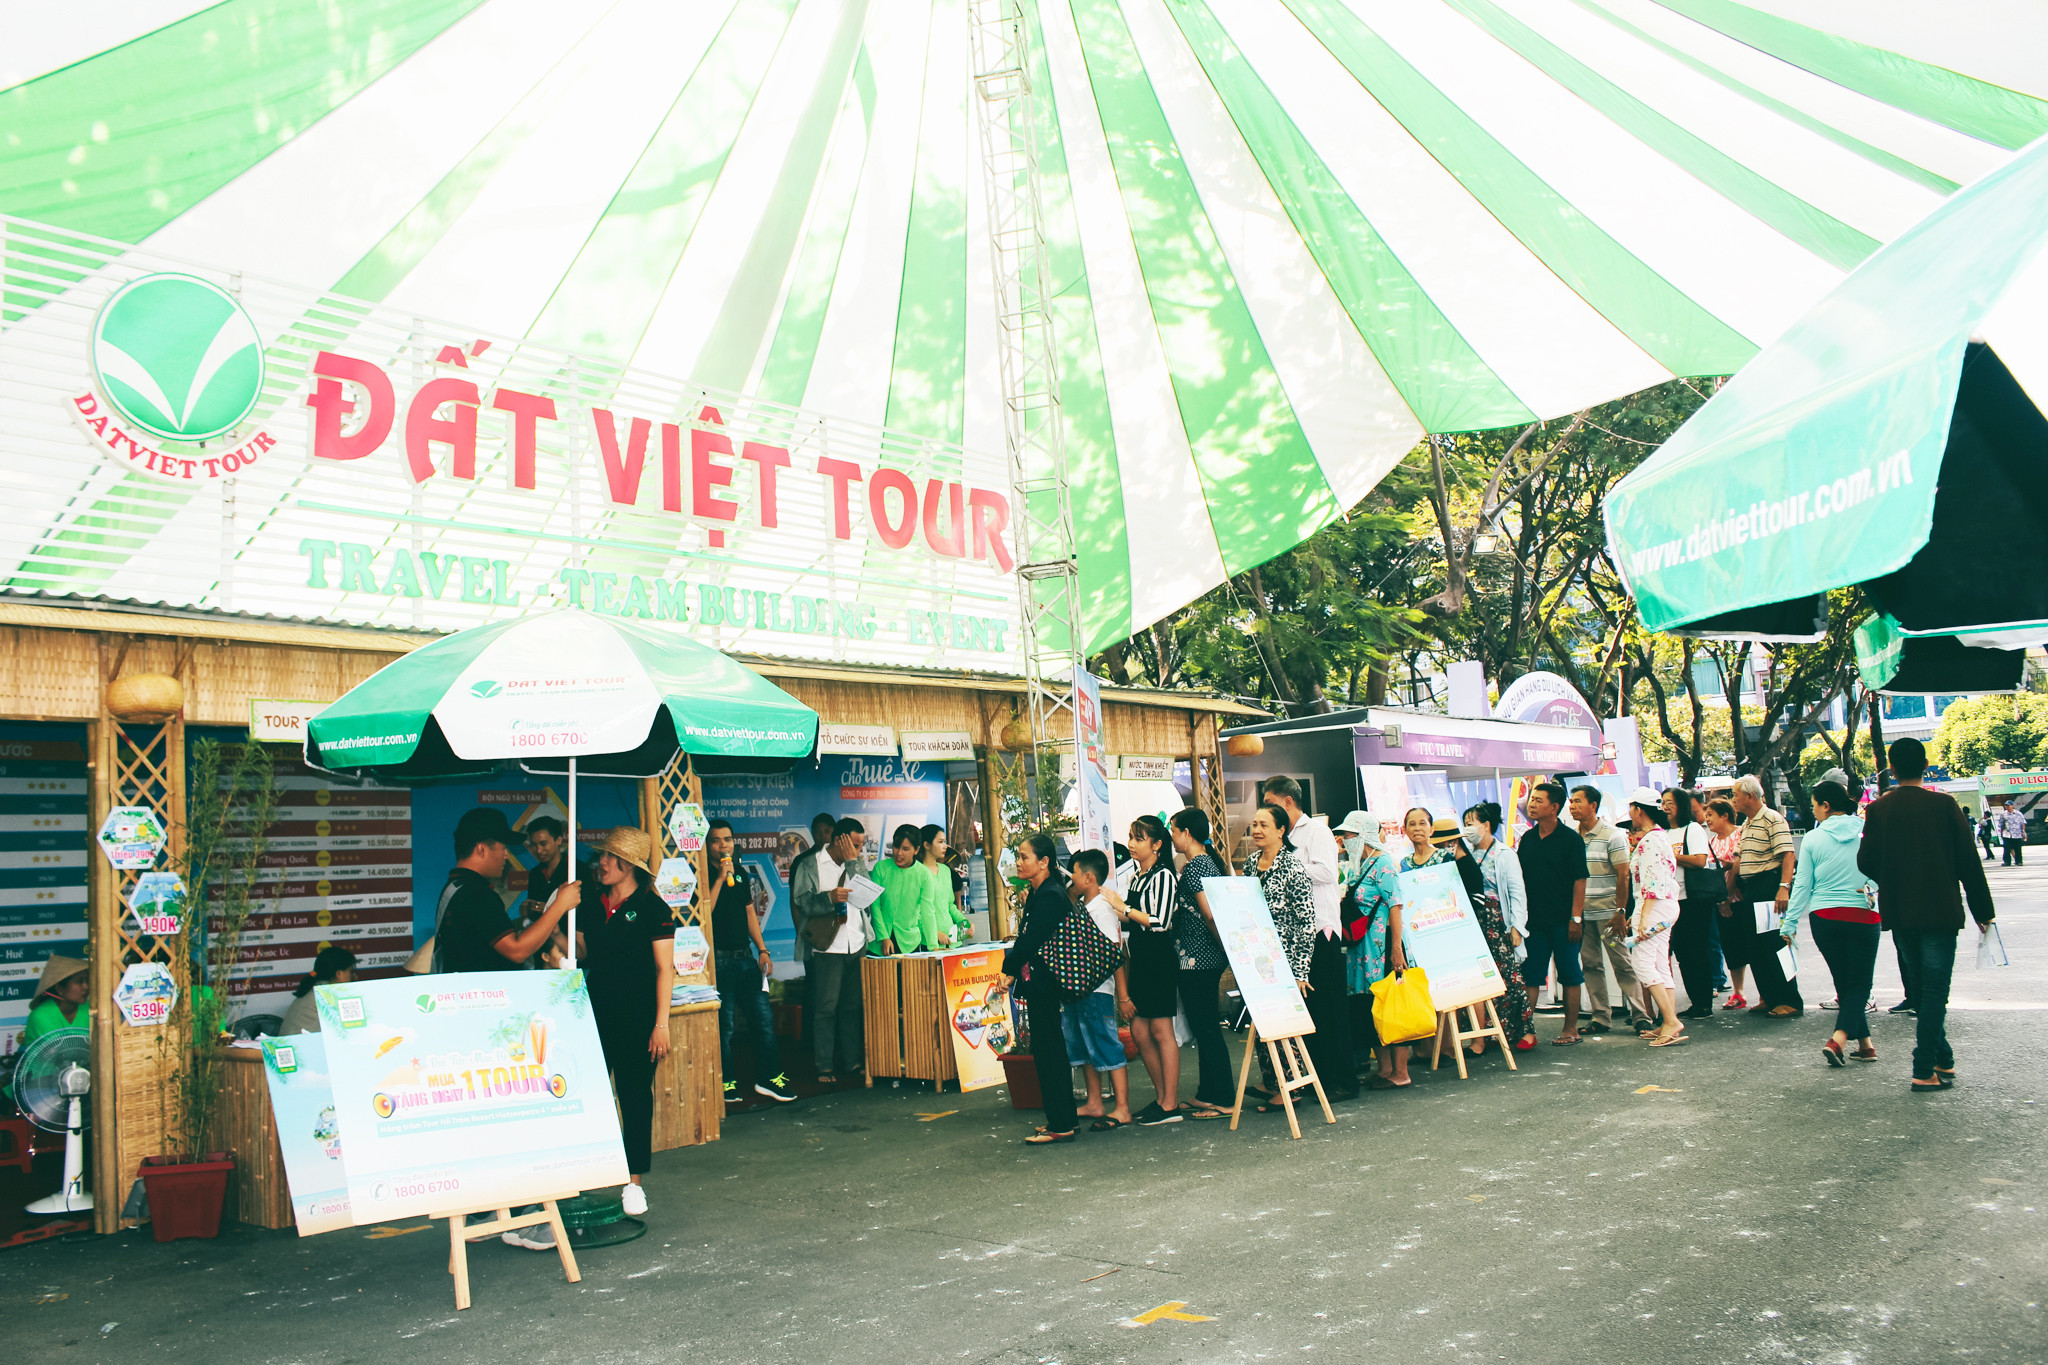 Đất Việt Tour khuyến mại lên đến 66% ở Ngày hội Du lịch 2020 - ảnh 3